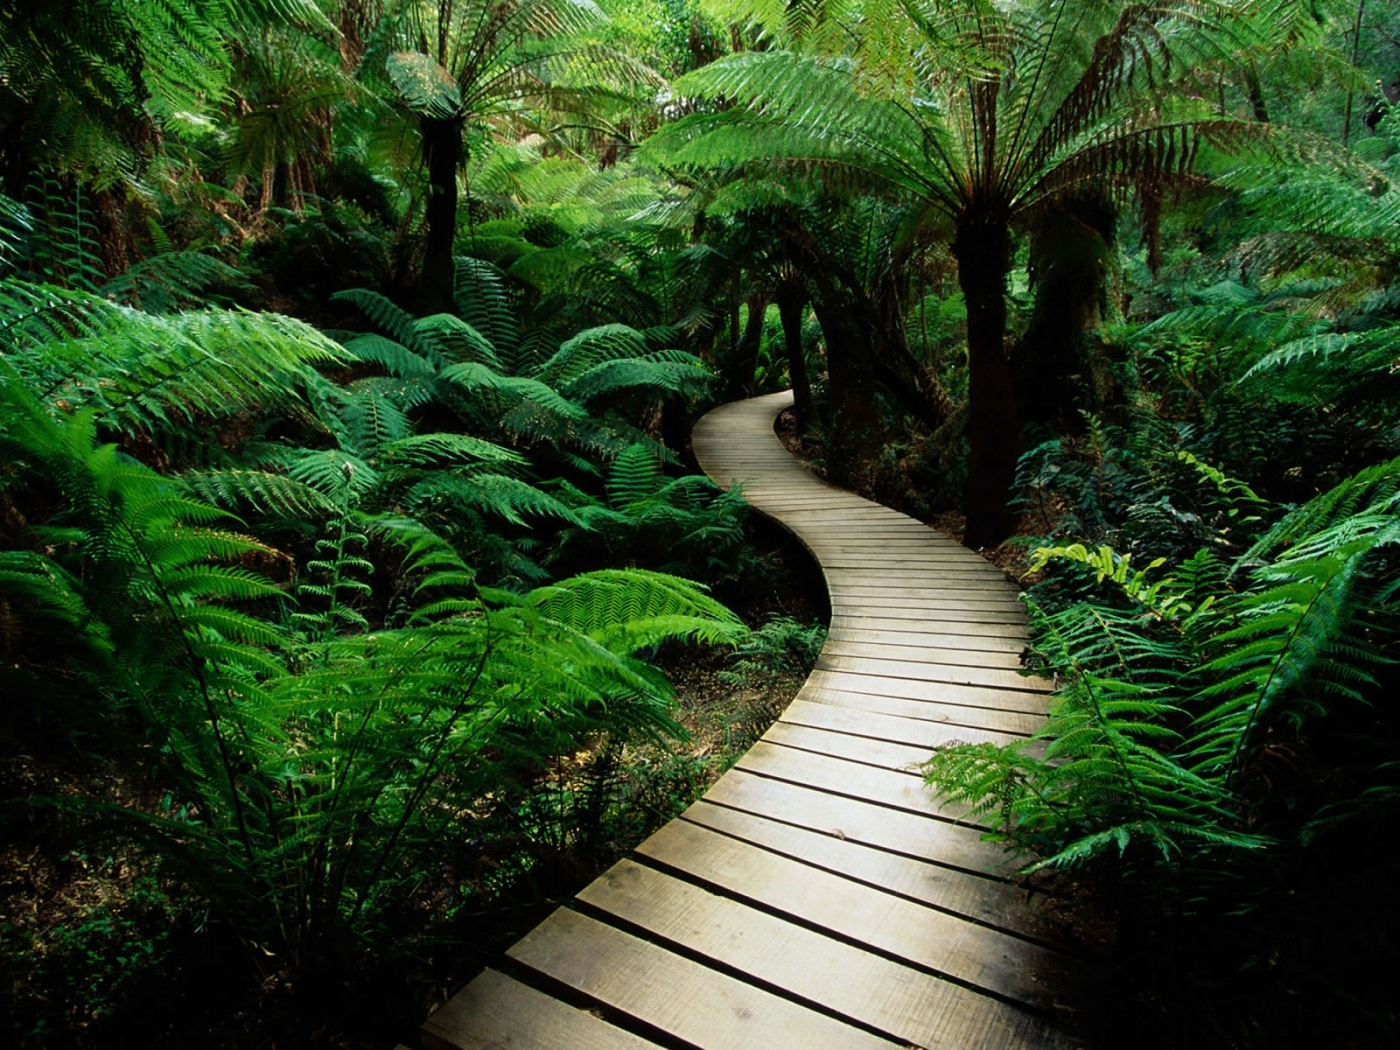 29966 Hintergrundbild herunterladen Landschaft, Palms, Farne - Bildschirmschoner und Bilder kostenlos